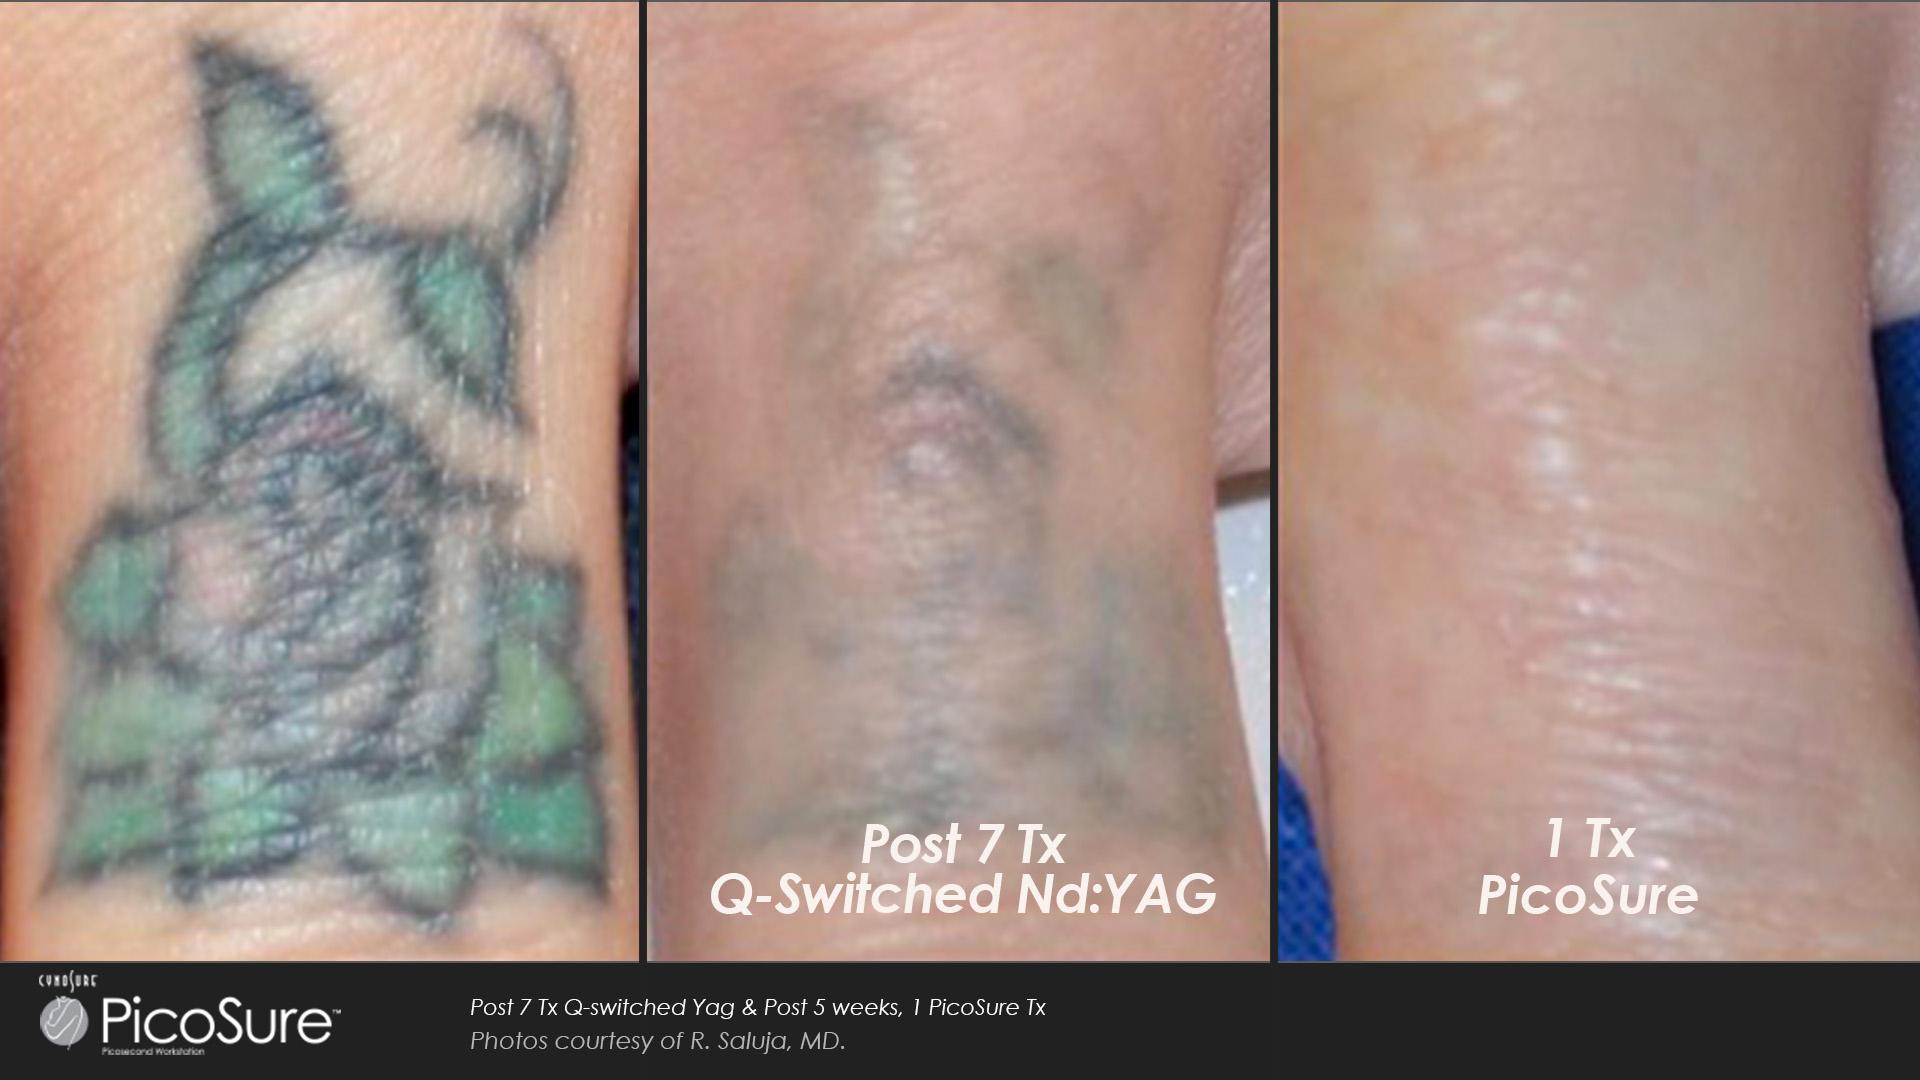 11 tattoos after laser removal fdgdrdg